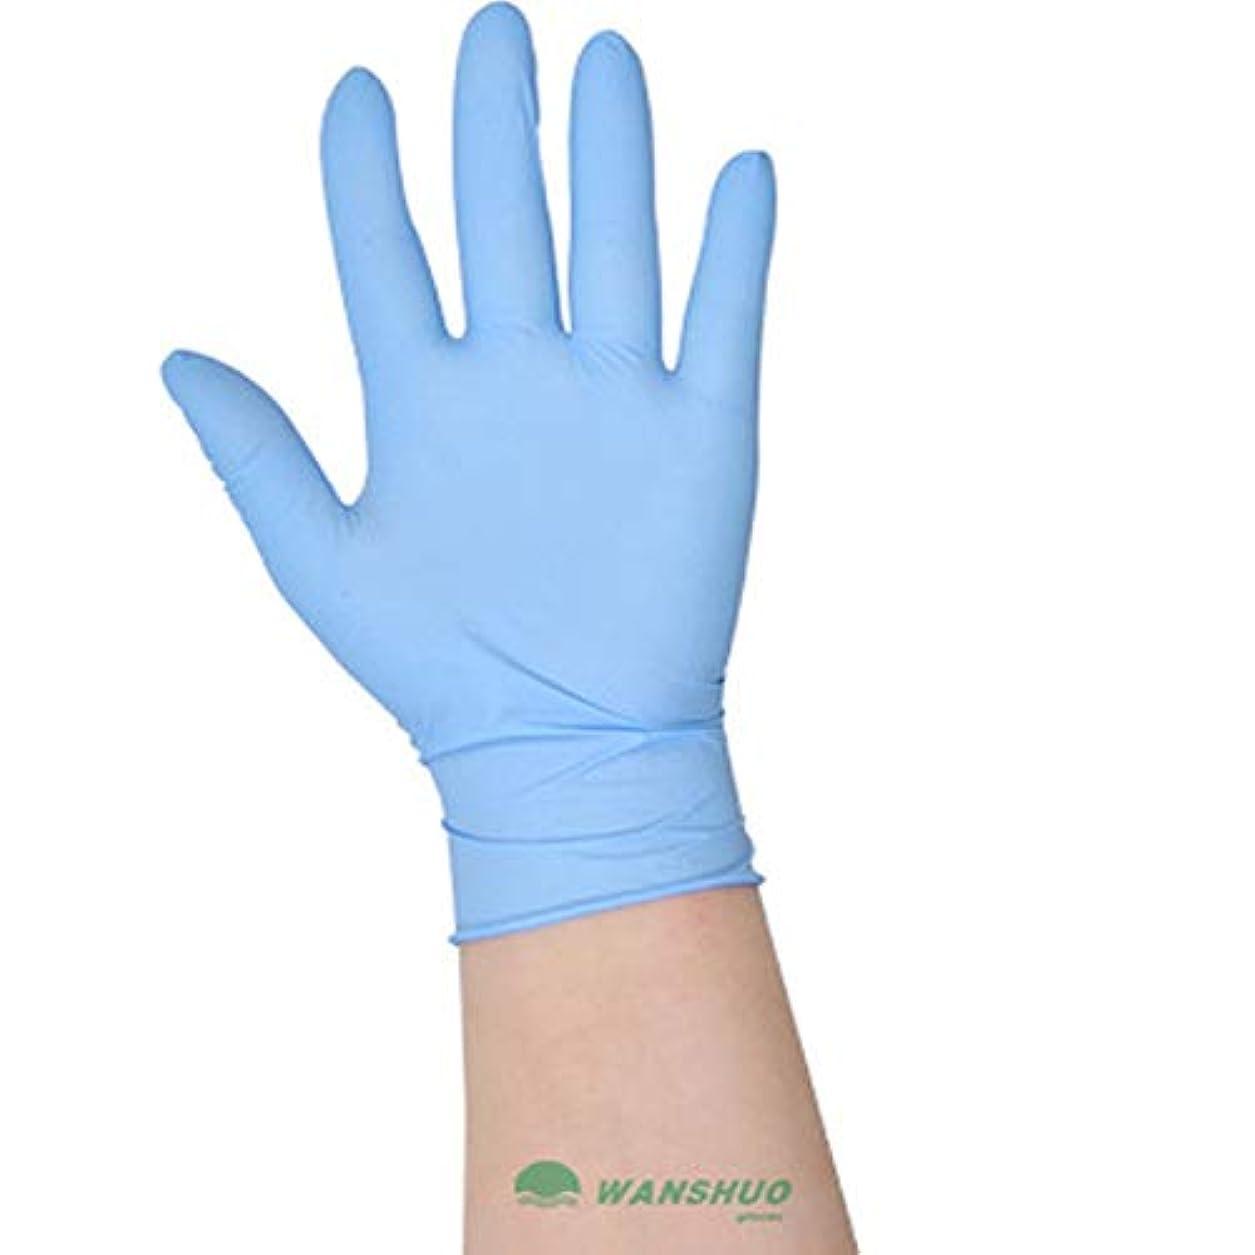 絶えずゆるい移住する使い捨てニトリル手袋 - パウダーフリー、ゴムラテックスフリー、医療検査グレード、無菌、Ambidextrous - テクスチャード加工のソフト - 100個入りの箱 (Color : Light blue, Size...